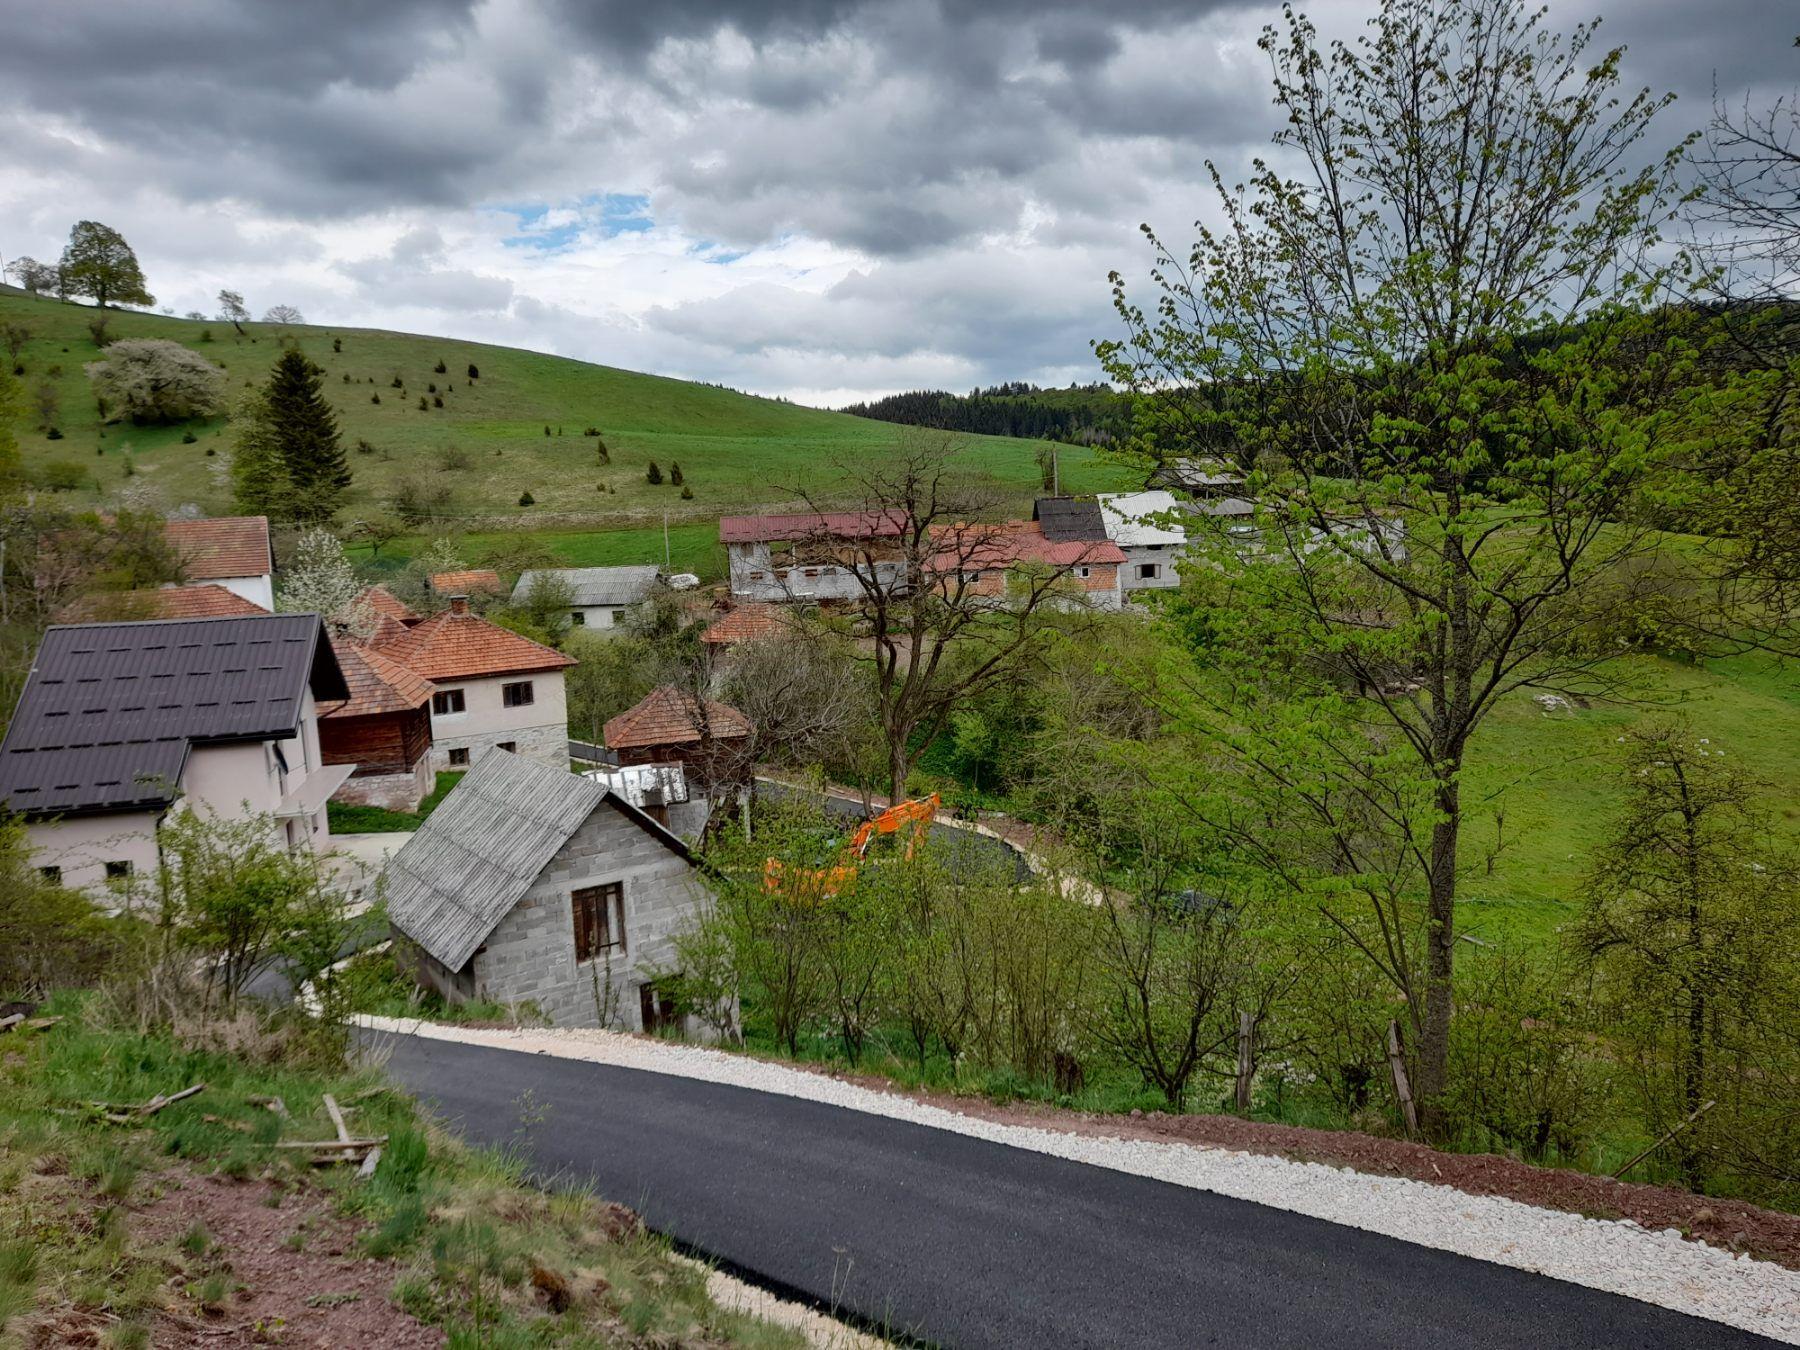 Асфалт до кућа, лакши превоз сточне хране  (фото: Милоје Јелић)